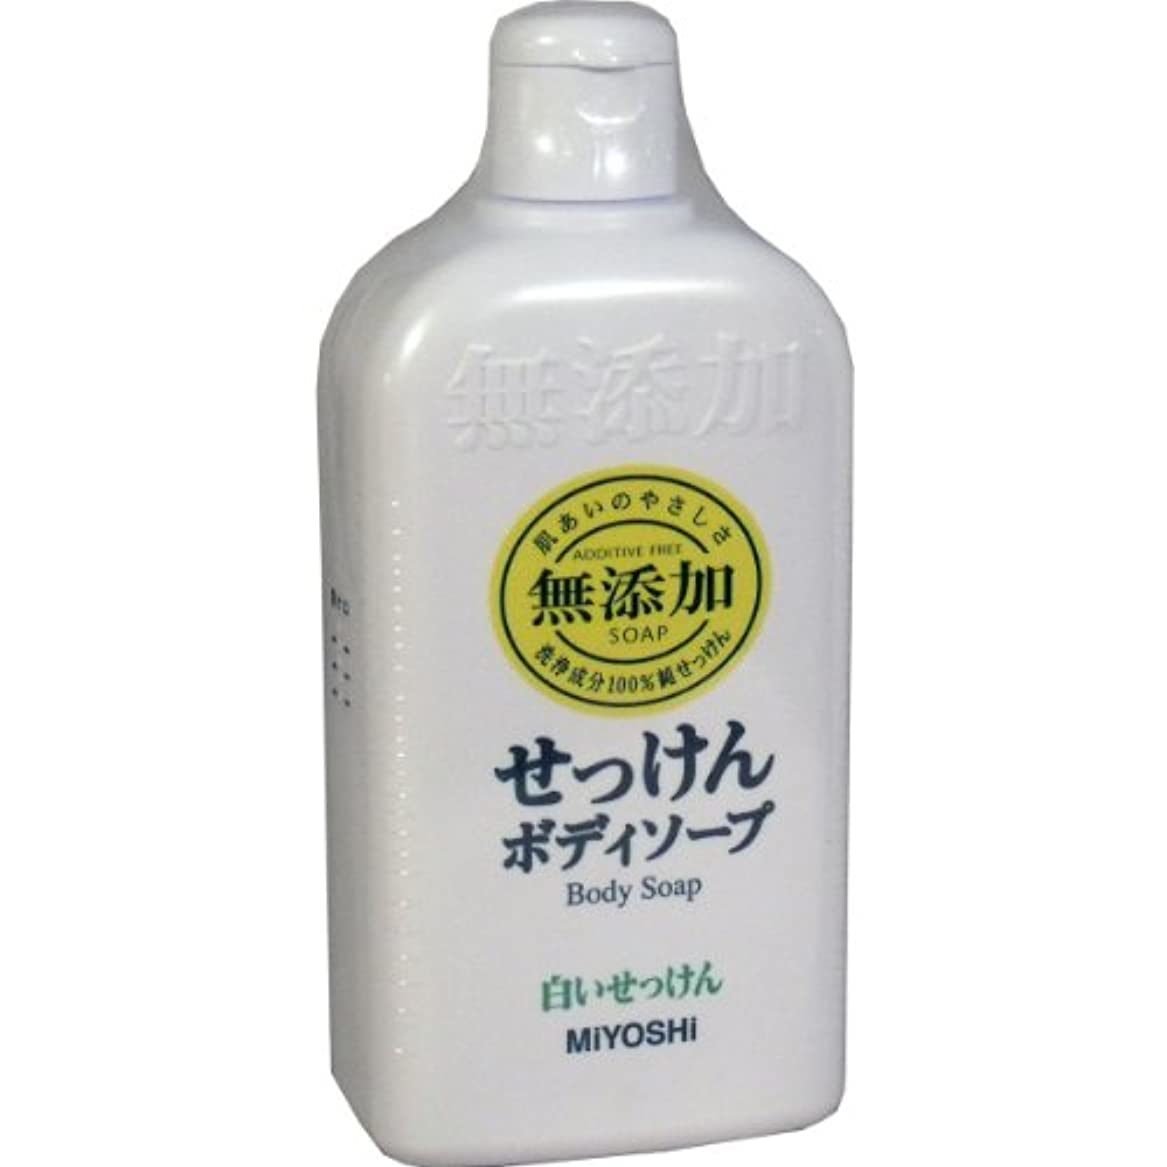 要求する厳振る舞い無添加 ボディソープ 白い石けん レギュラー 400ml(無添加石鹸) 7セット